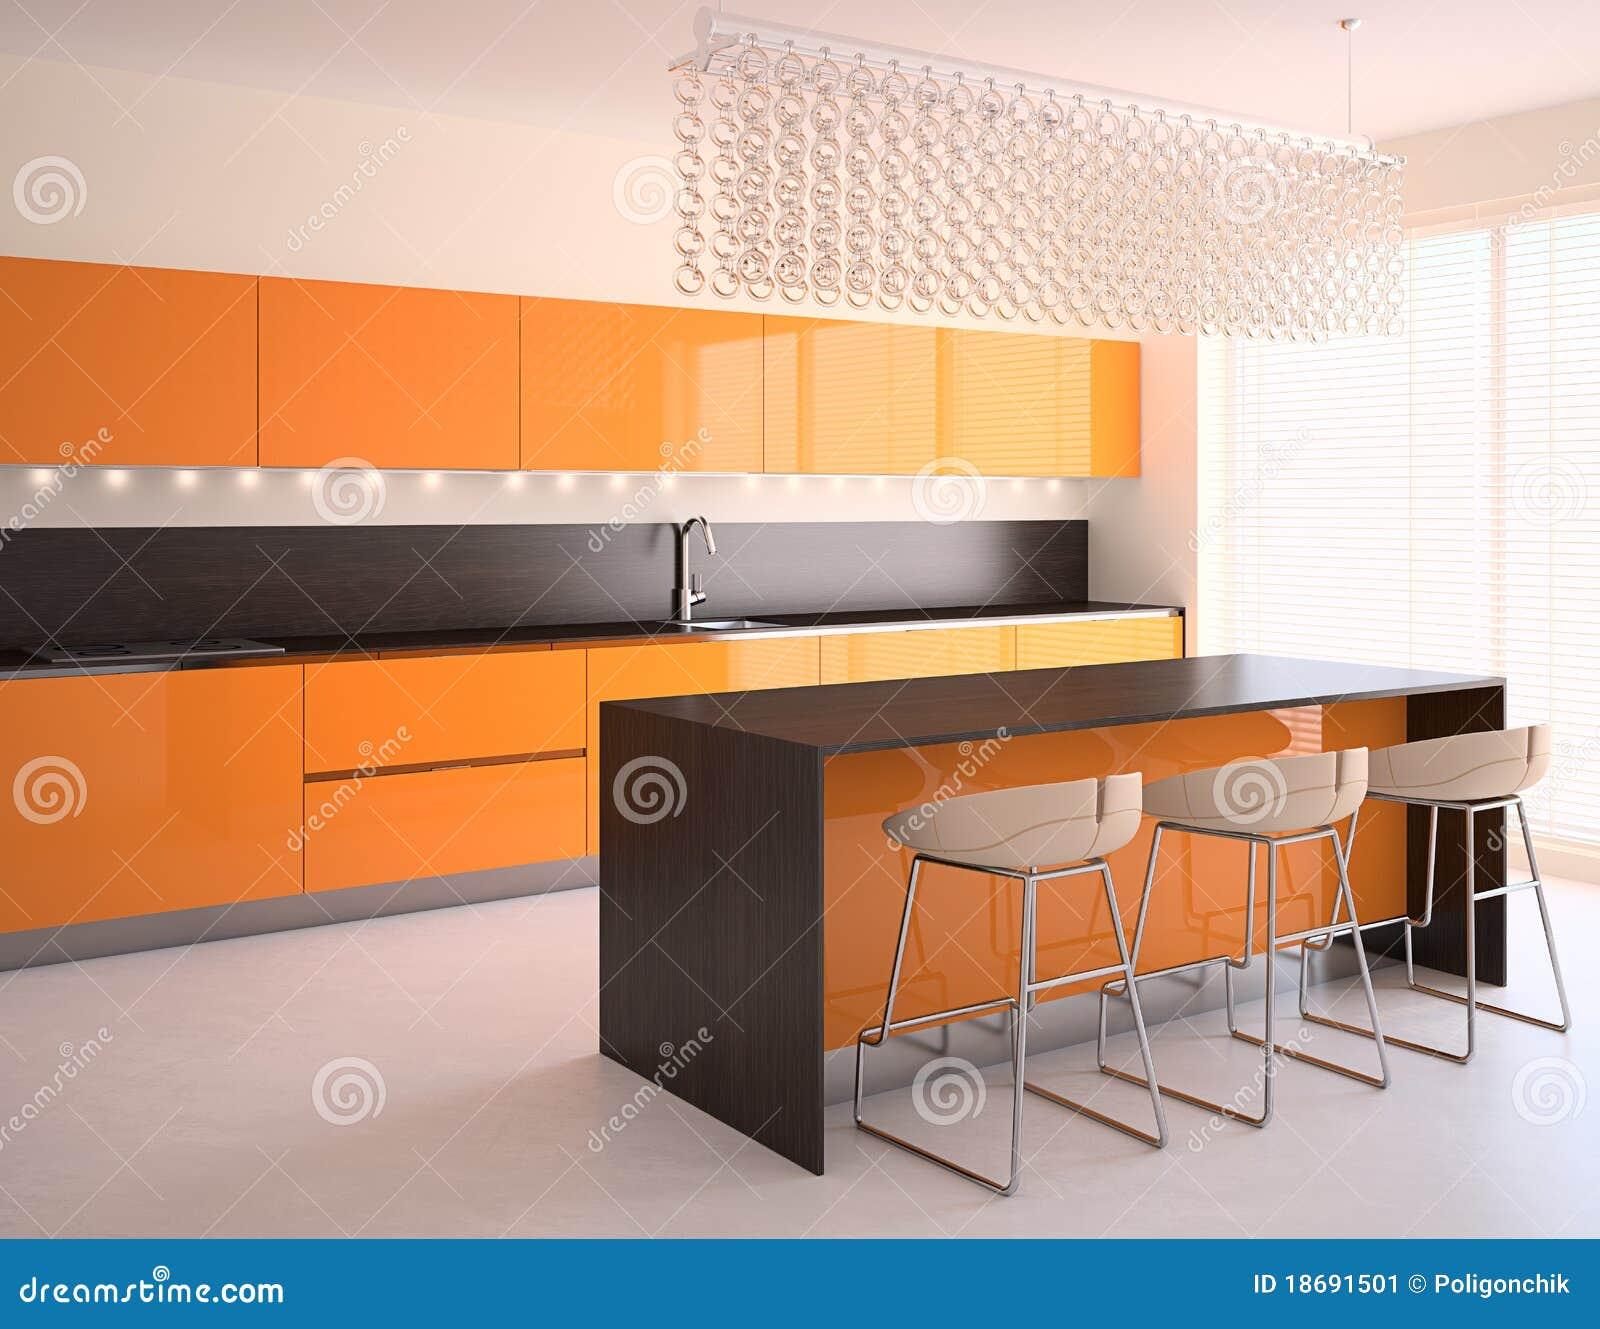 Cucina Moderna Arancione.Cucina Arancione Moderna Illustrazione Di Stock